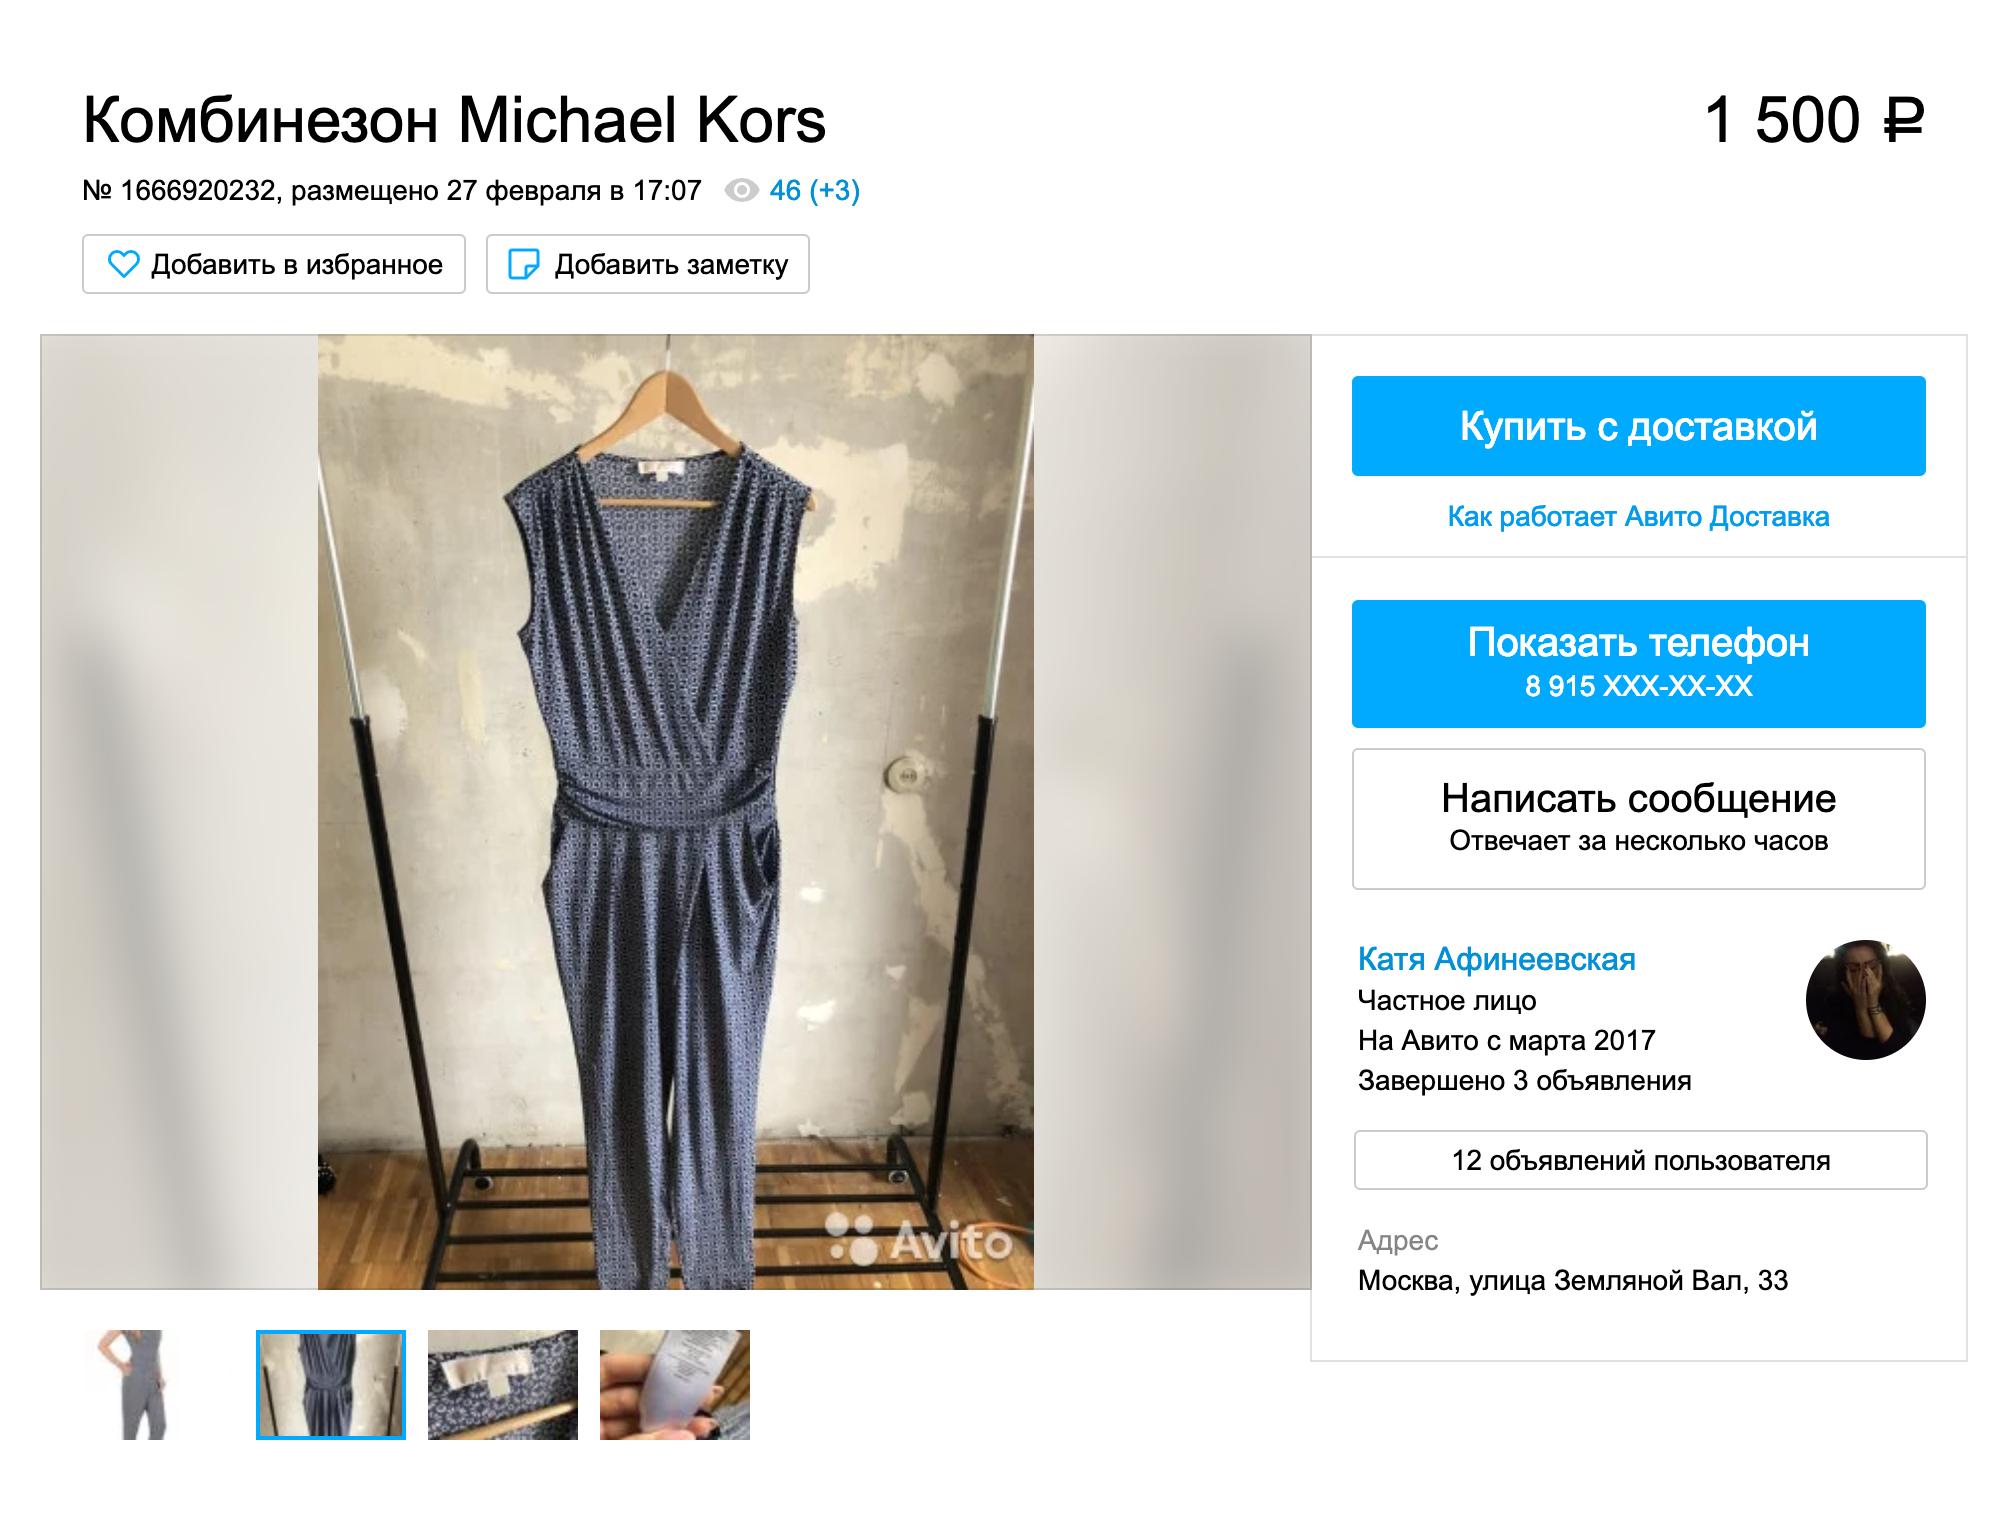 В этом объявлении можно посмотреть и то, как выглядит комбинезон на модели, и то, каков он в реальной жизни. Цена гораздо ниже, чем цены на одежду этого же бренда в магазинах, а для того, чтобы покупатели не сомневались, не подделка ли это, сфотографированы ярлычки